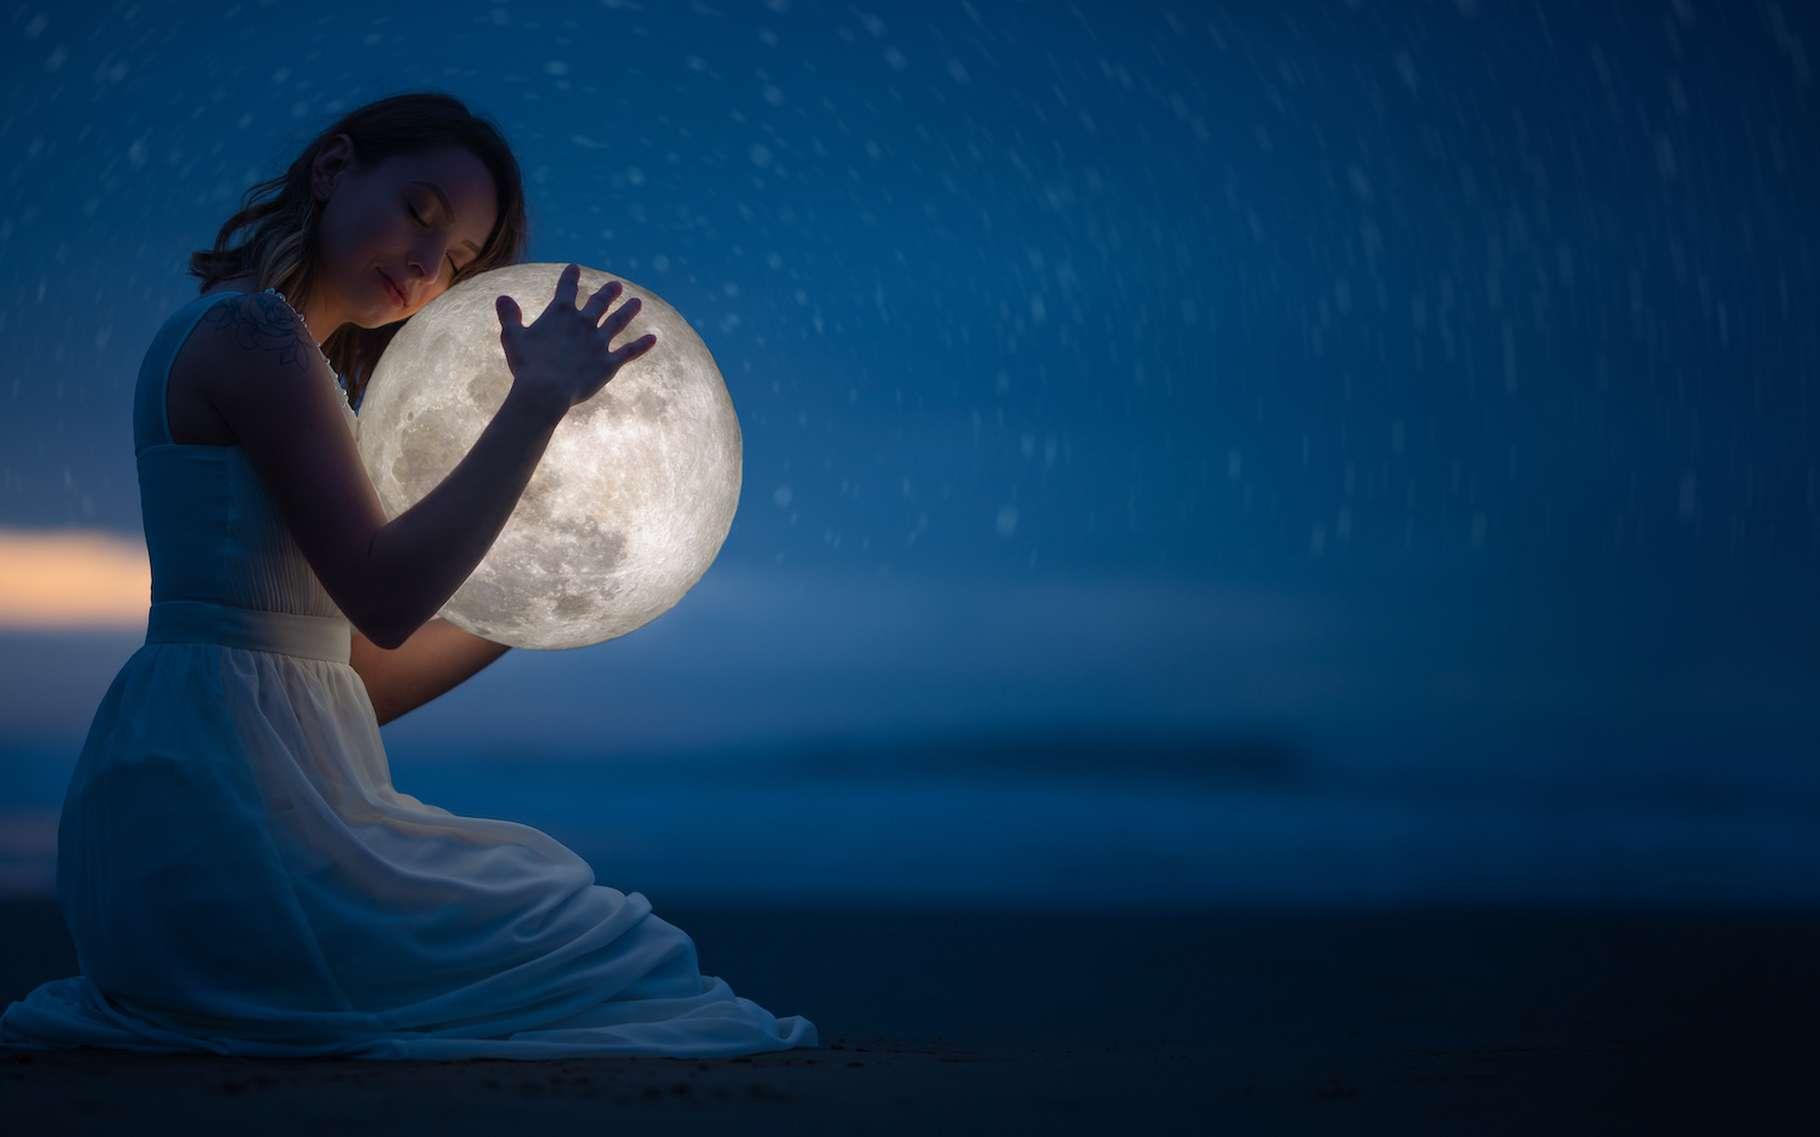 Des chercheurs de l'université de Washington (États-Unis) rapportent que nous dormons moins les nuits qui précèdent la Pleine Lune. © Anton, Adobe Stock